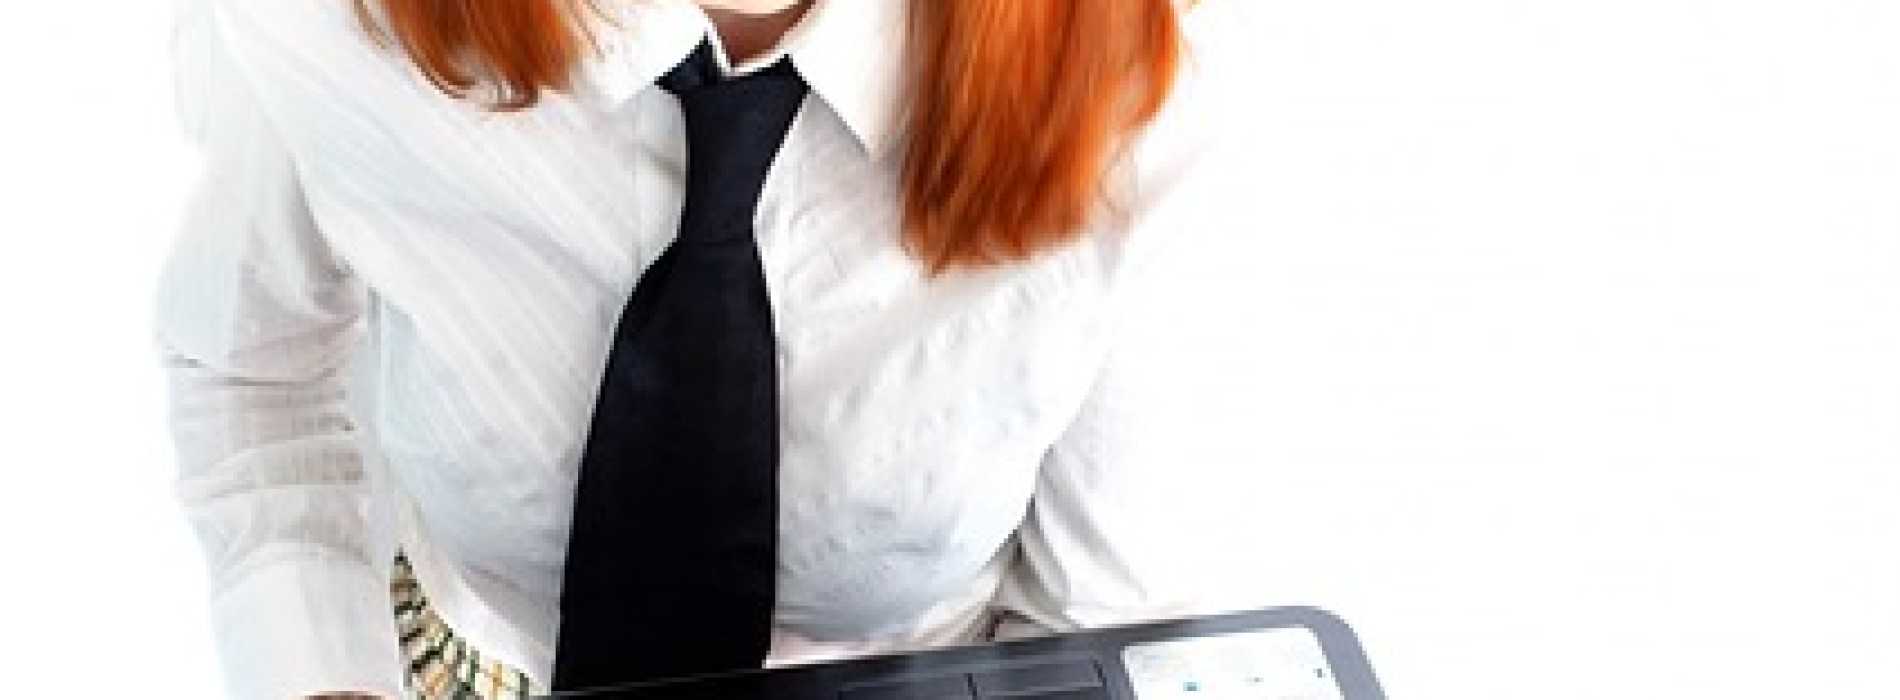 Idealny specjalista ds. marketingu i sprzedaży czyli jaki?